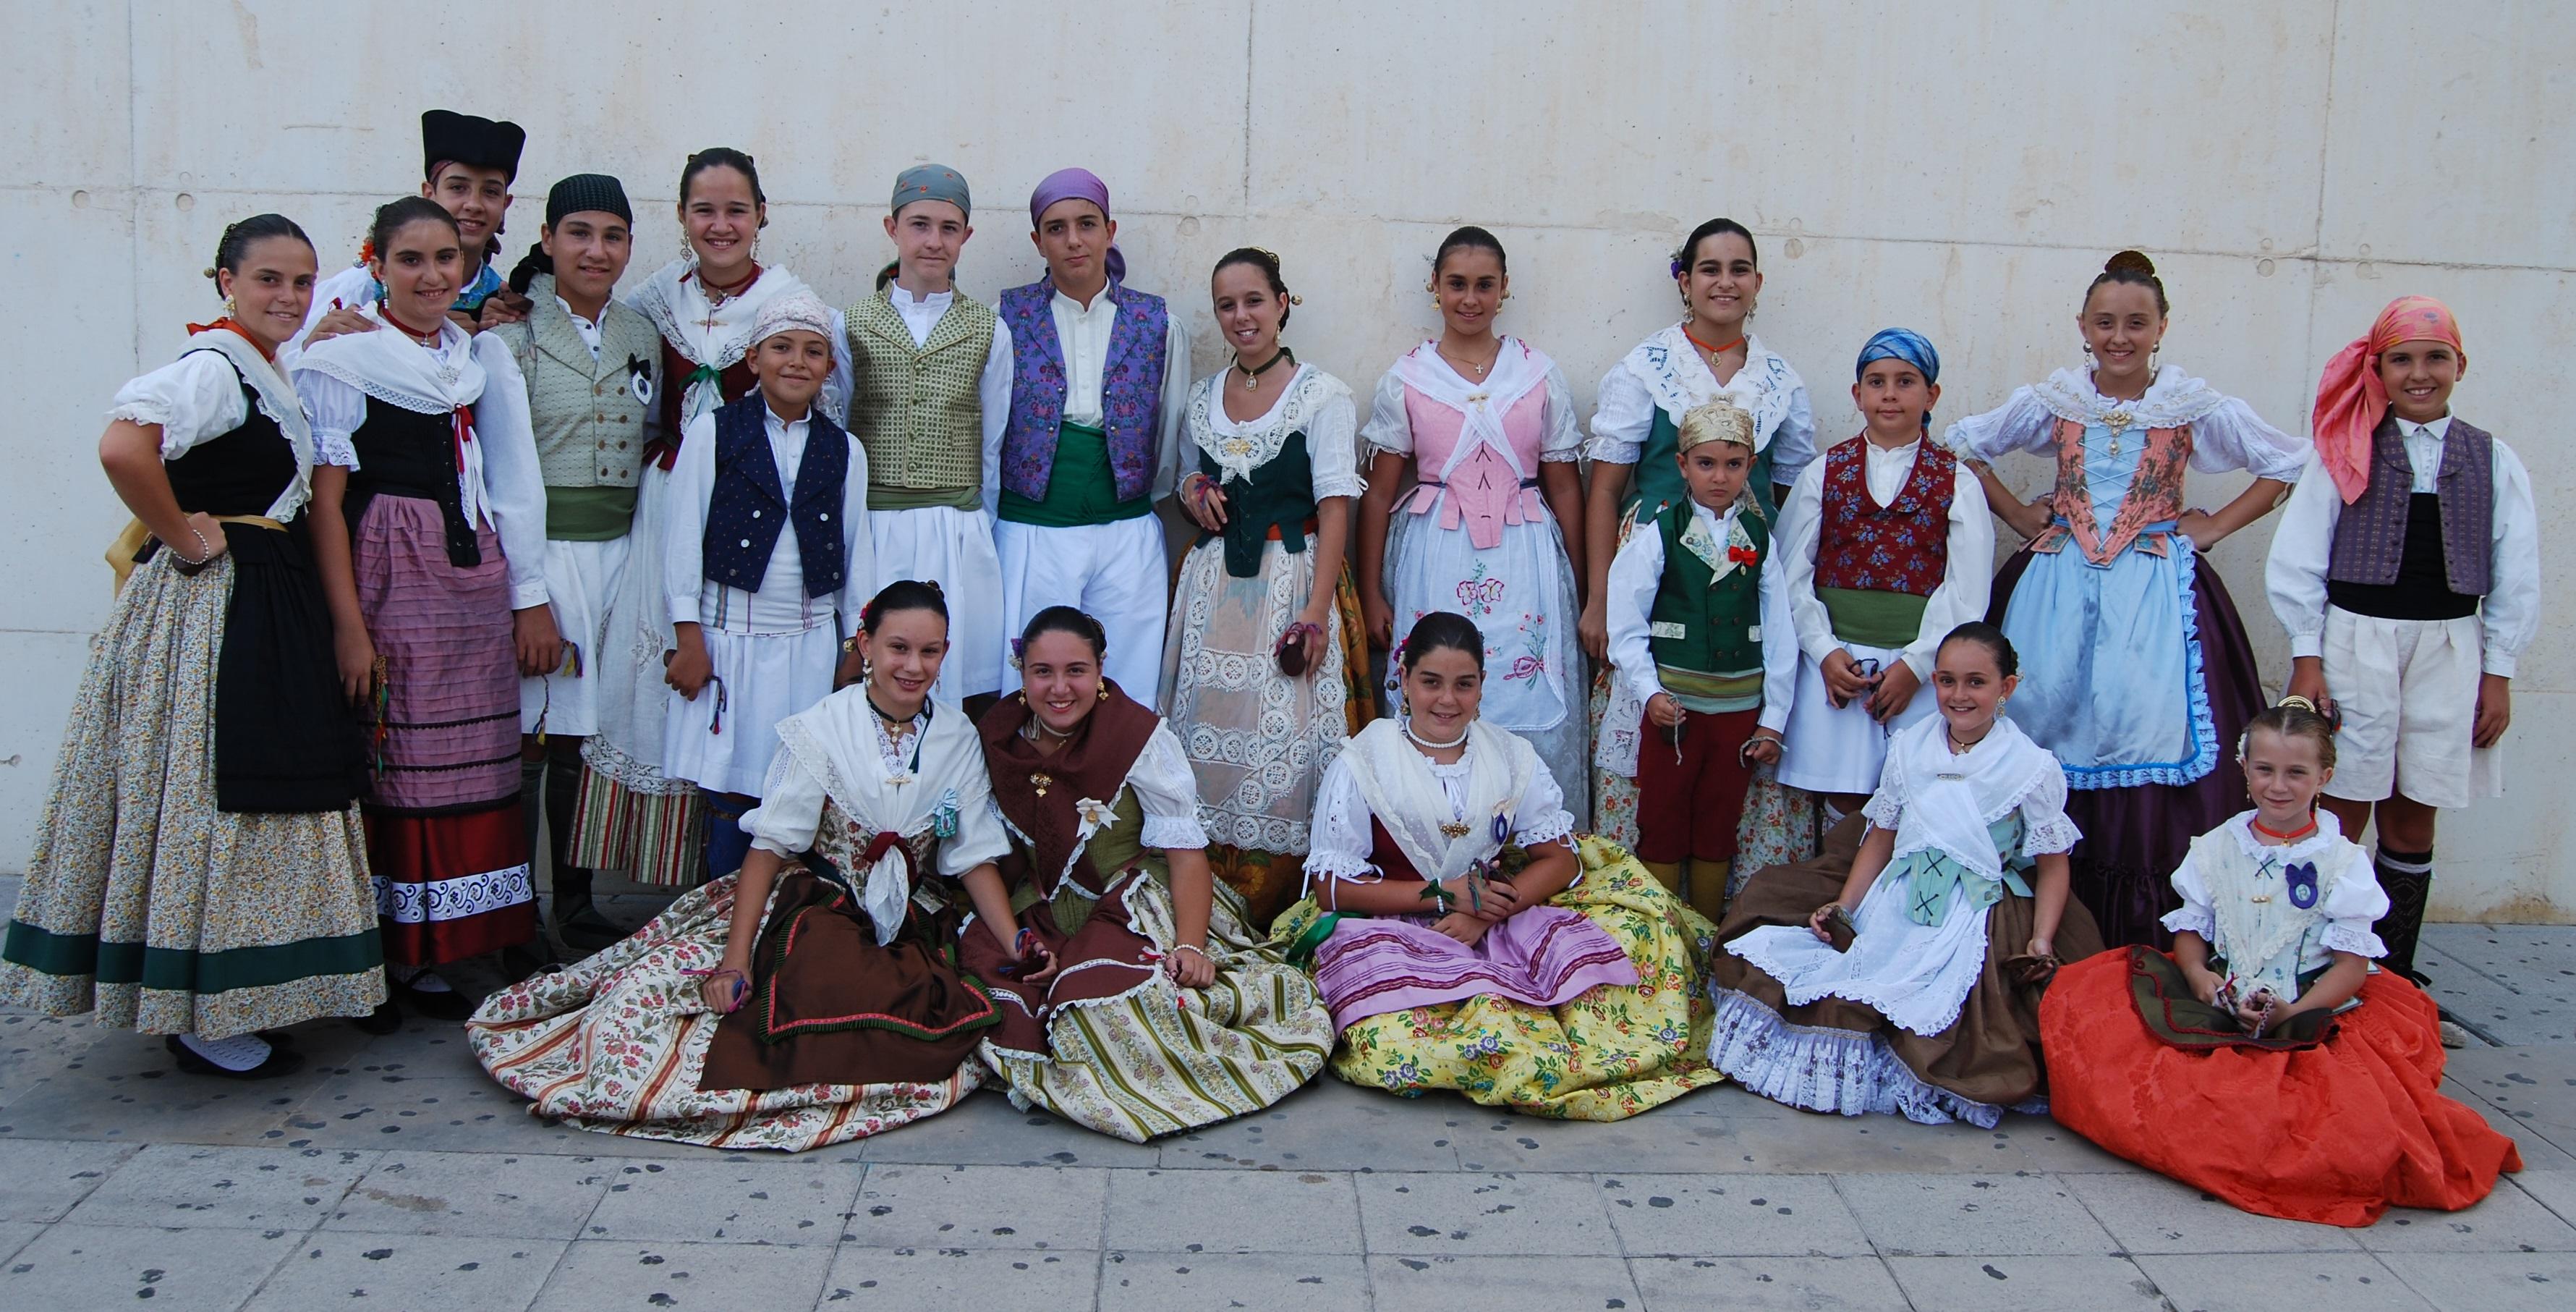 Final de las fiestas populares con el Grup de danses Sargantana